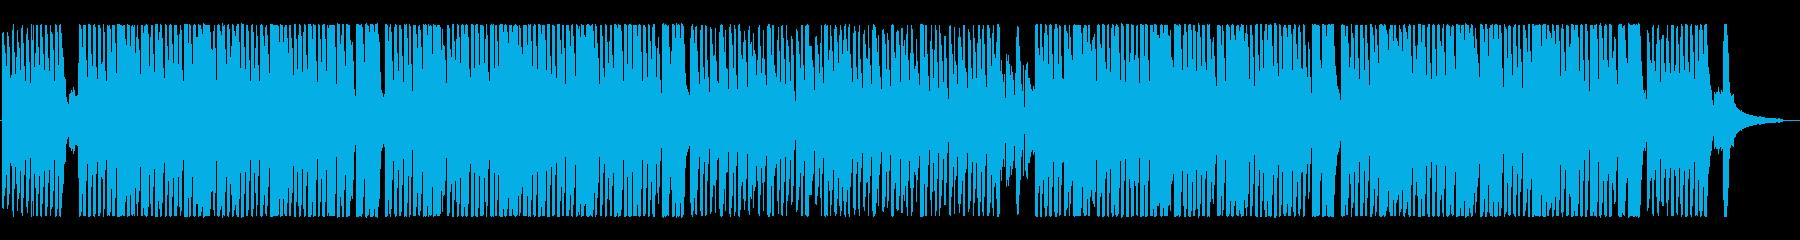 ハッピー楽しく明るいポップなオーケストラの再生済みの波形